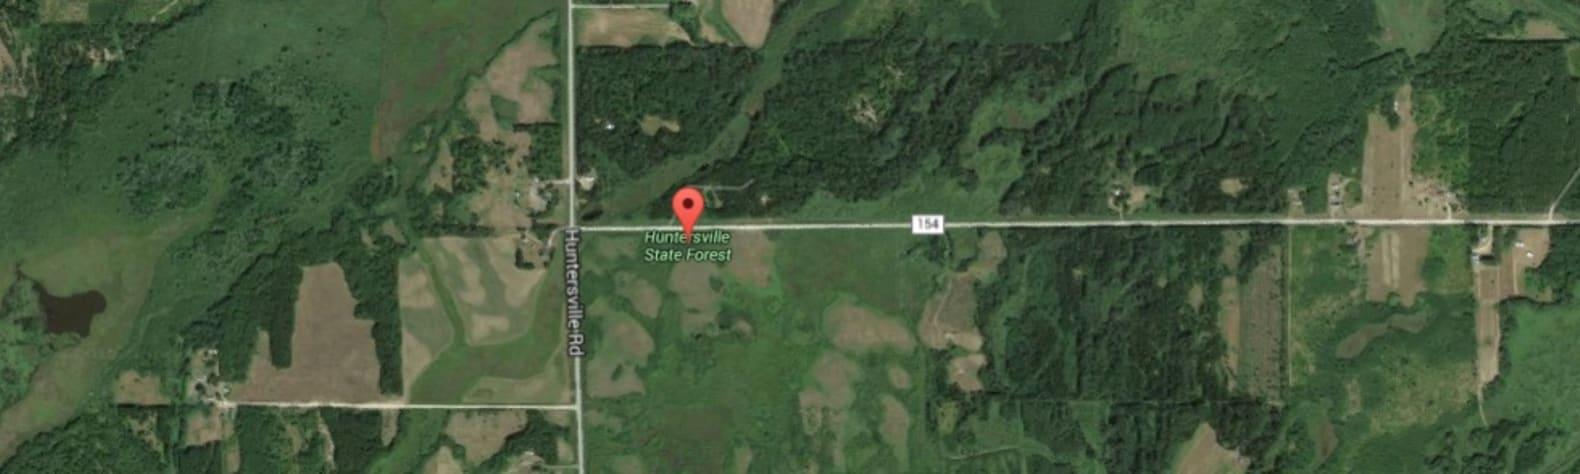 Huntersville State Forest